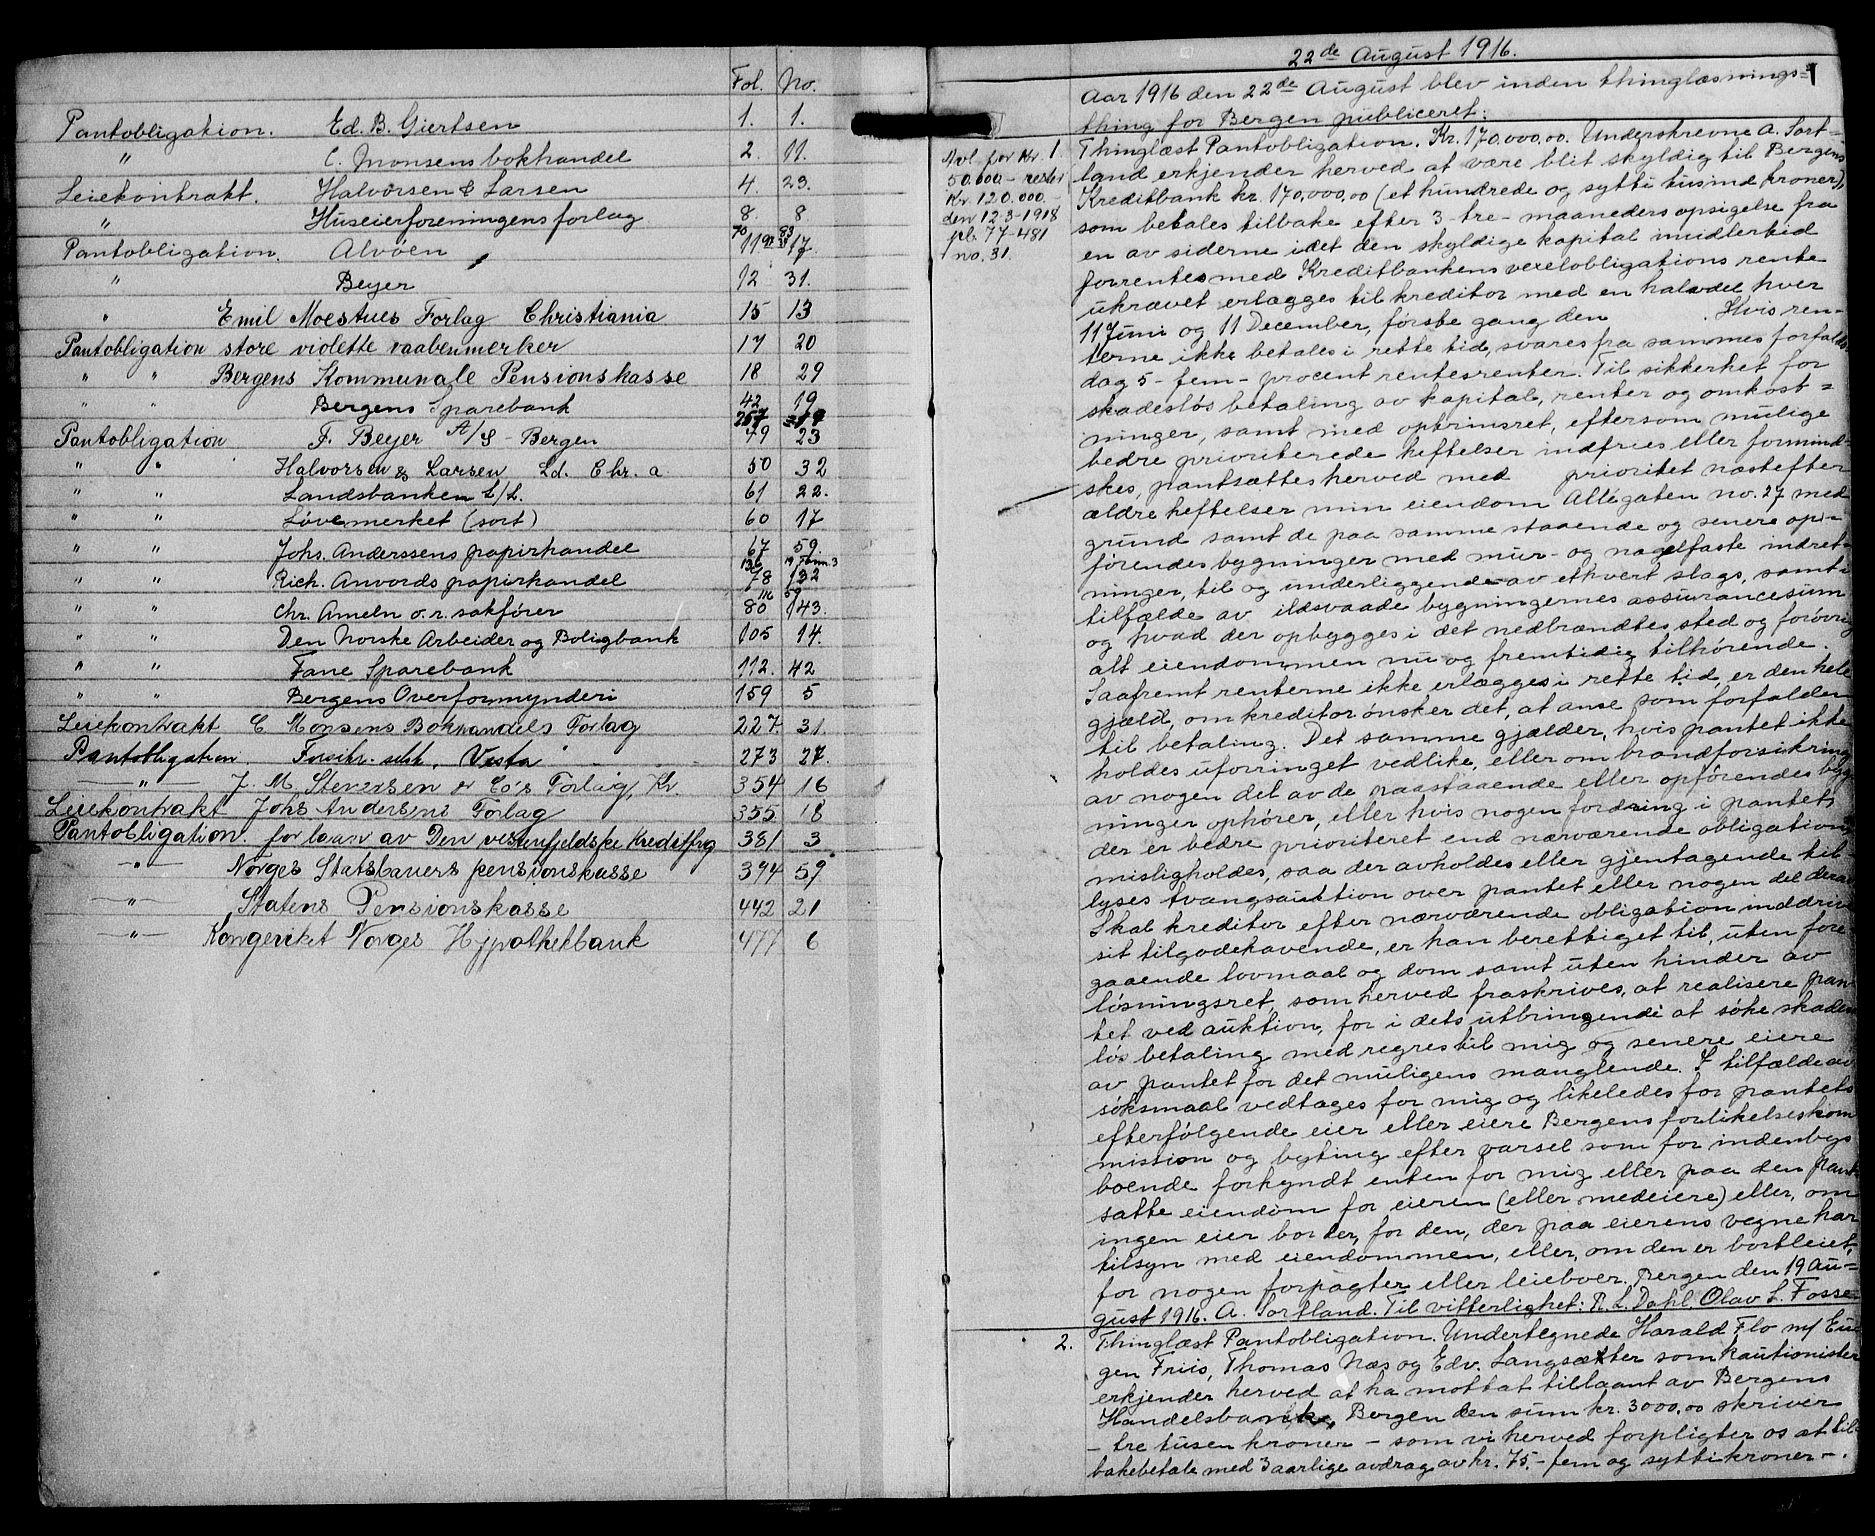 SAB, Byfogd og Byskriver i Bergen, 03/03Ba/L0077: Pantebok nr. II.B.a.77, 1916-1918, s. 1